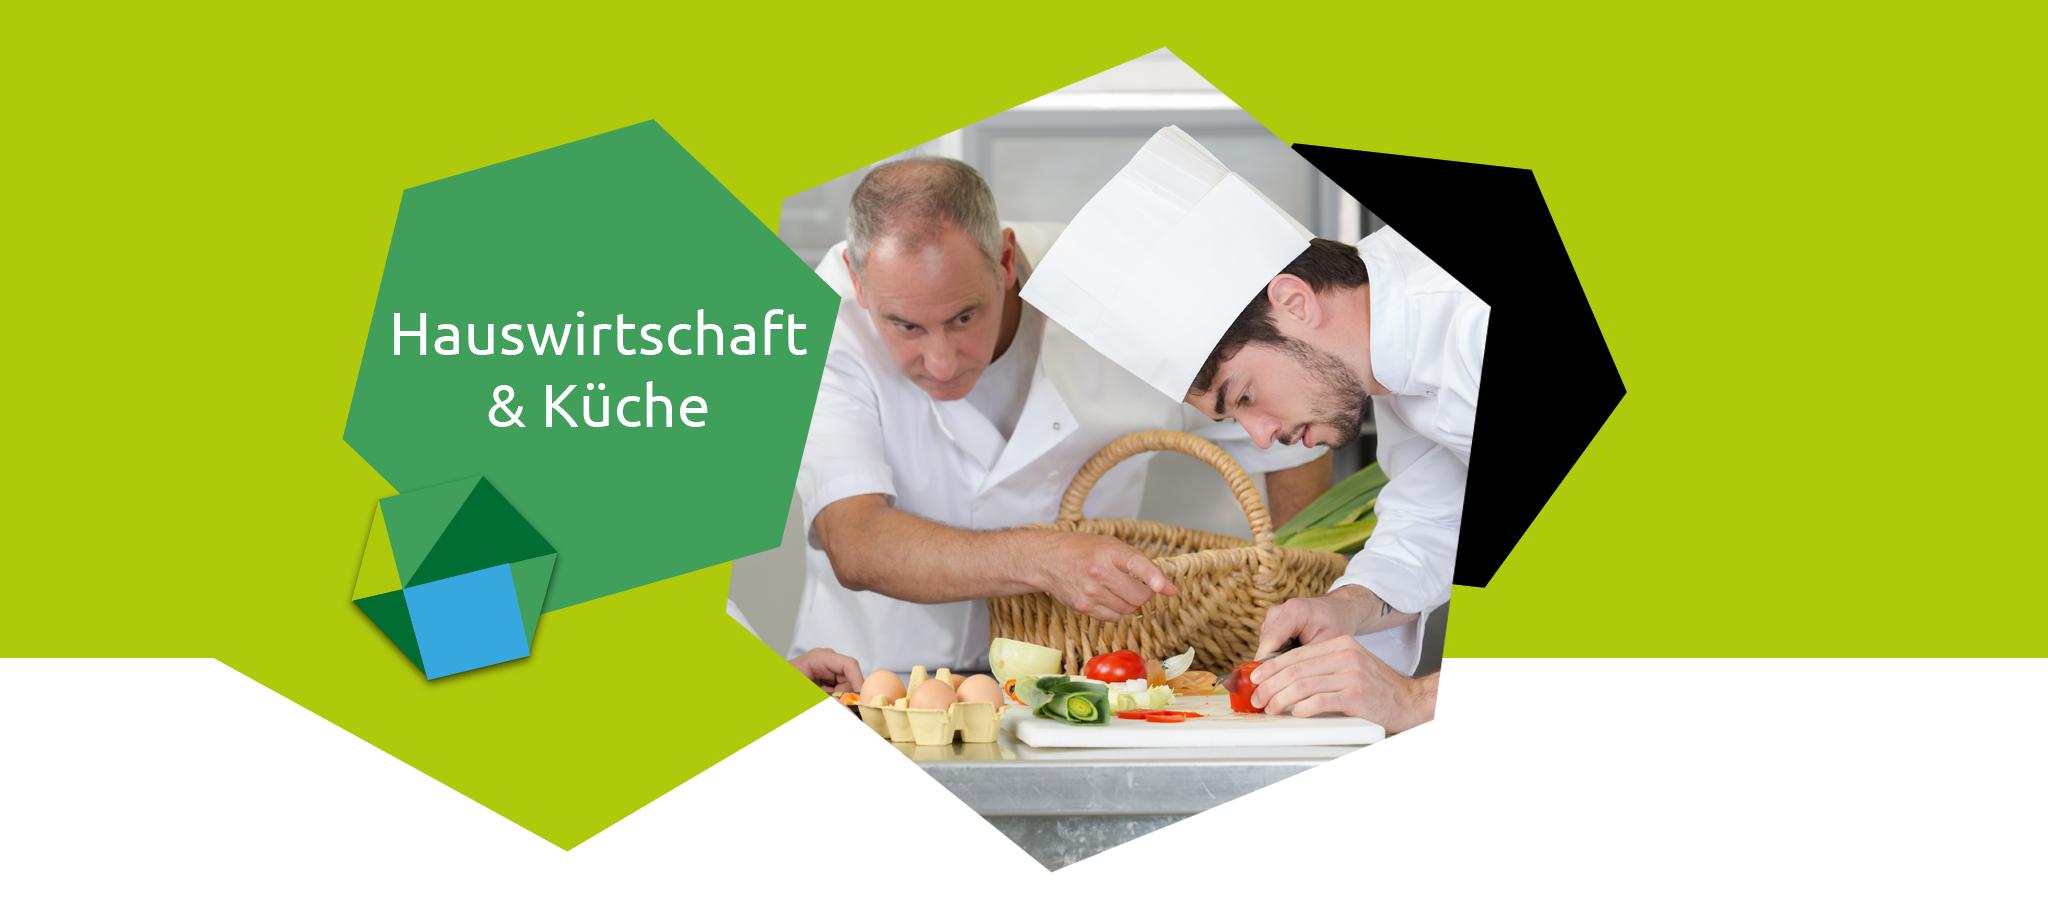 Hauswirtschaft & Küche  Facettenwerk